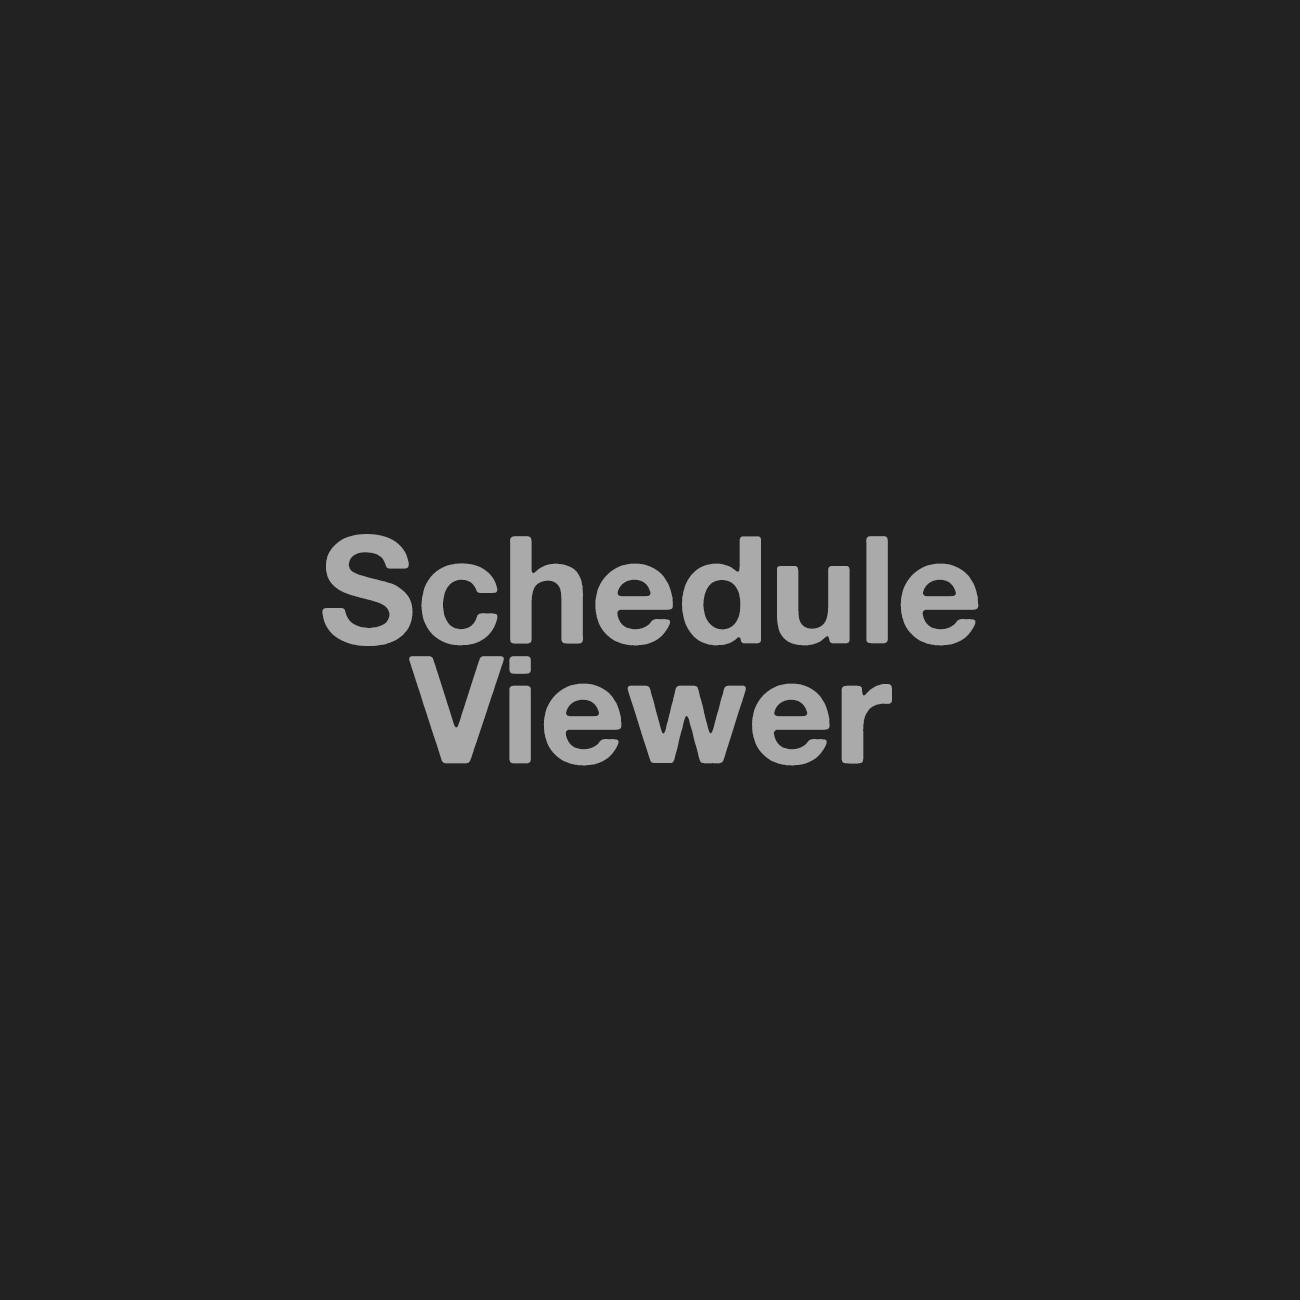 scheduleviewer-logo